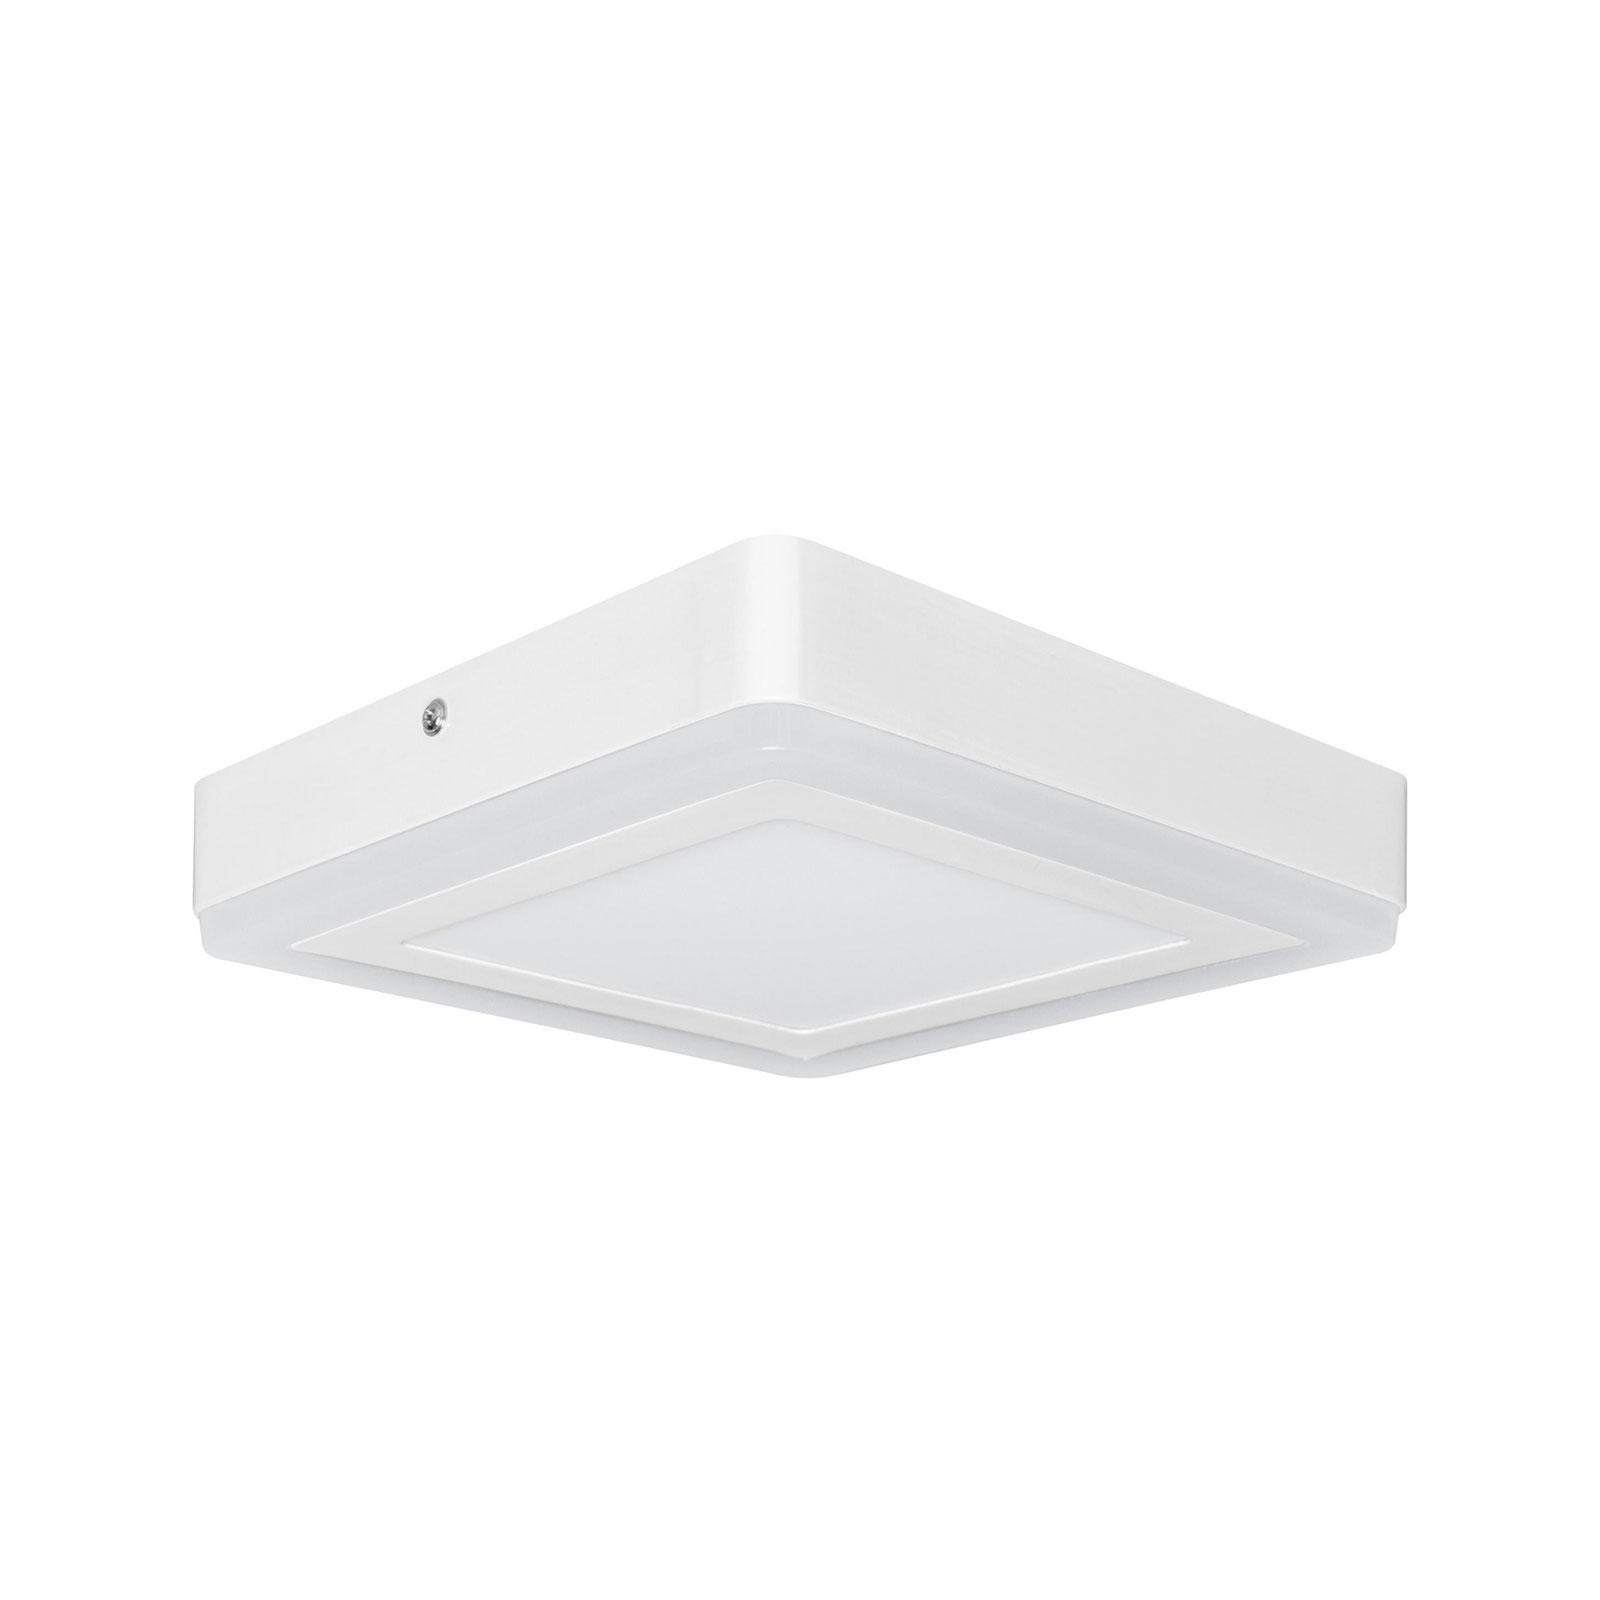 LEDVANCE LED Click White Square plafondlamp 20cm